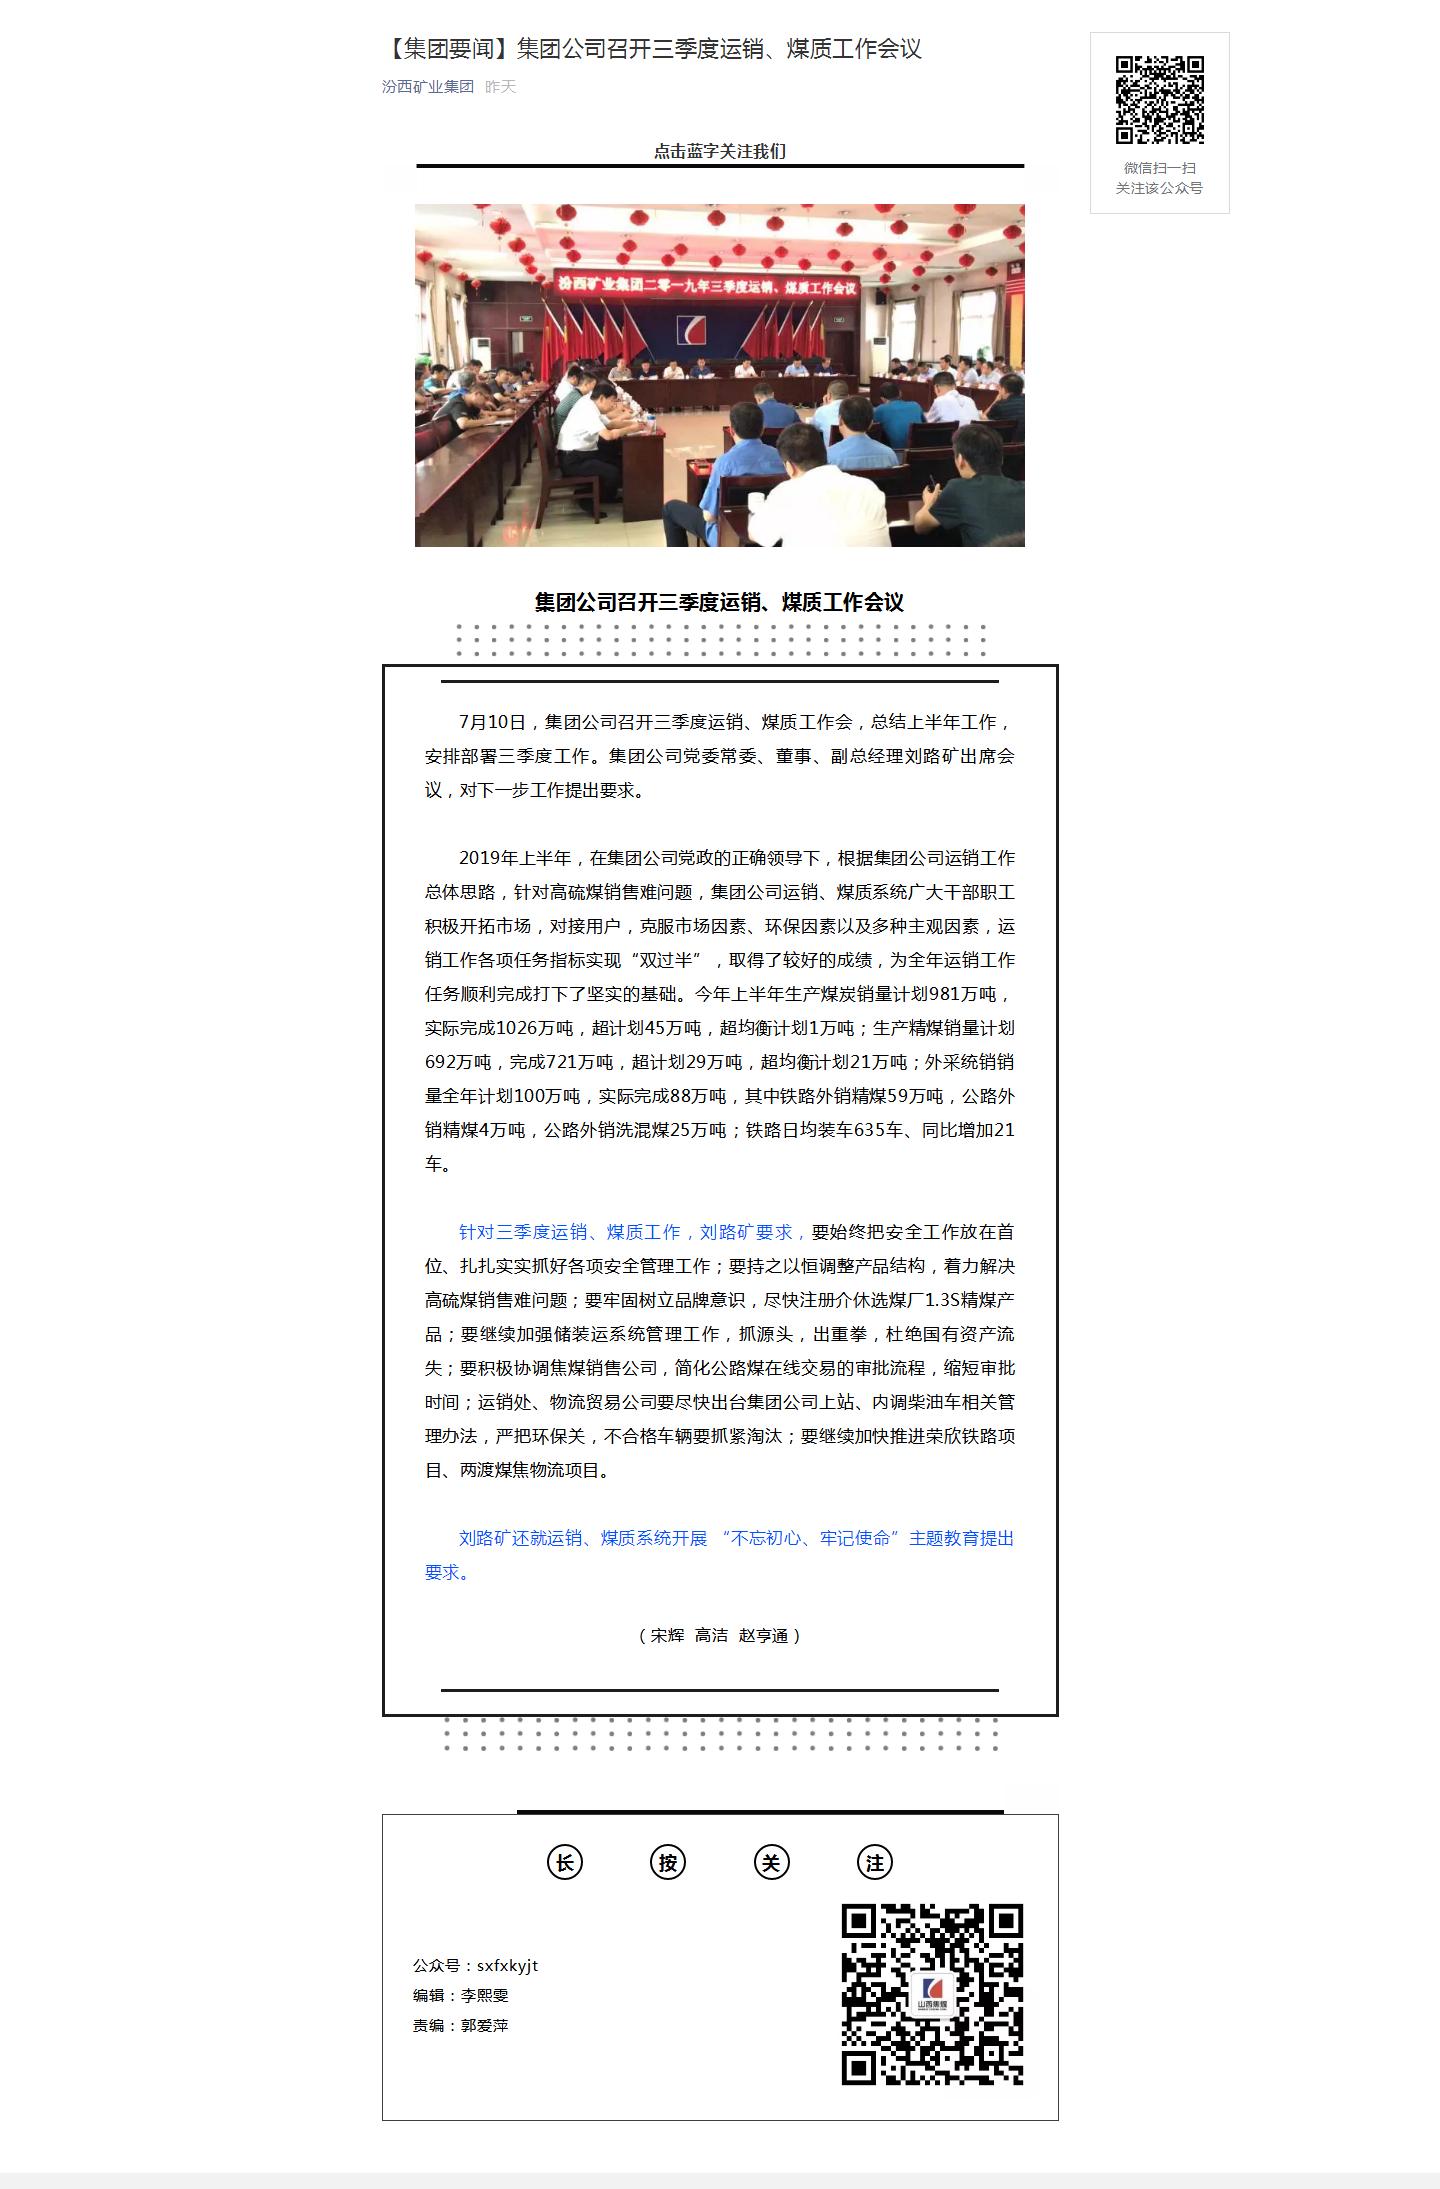 【集團要聞】集團公司召開三季度運銷、煤質工作會議.png